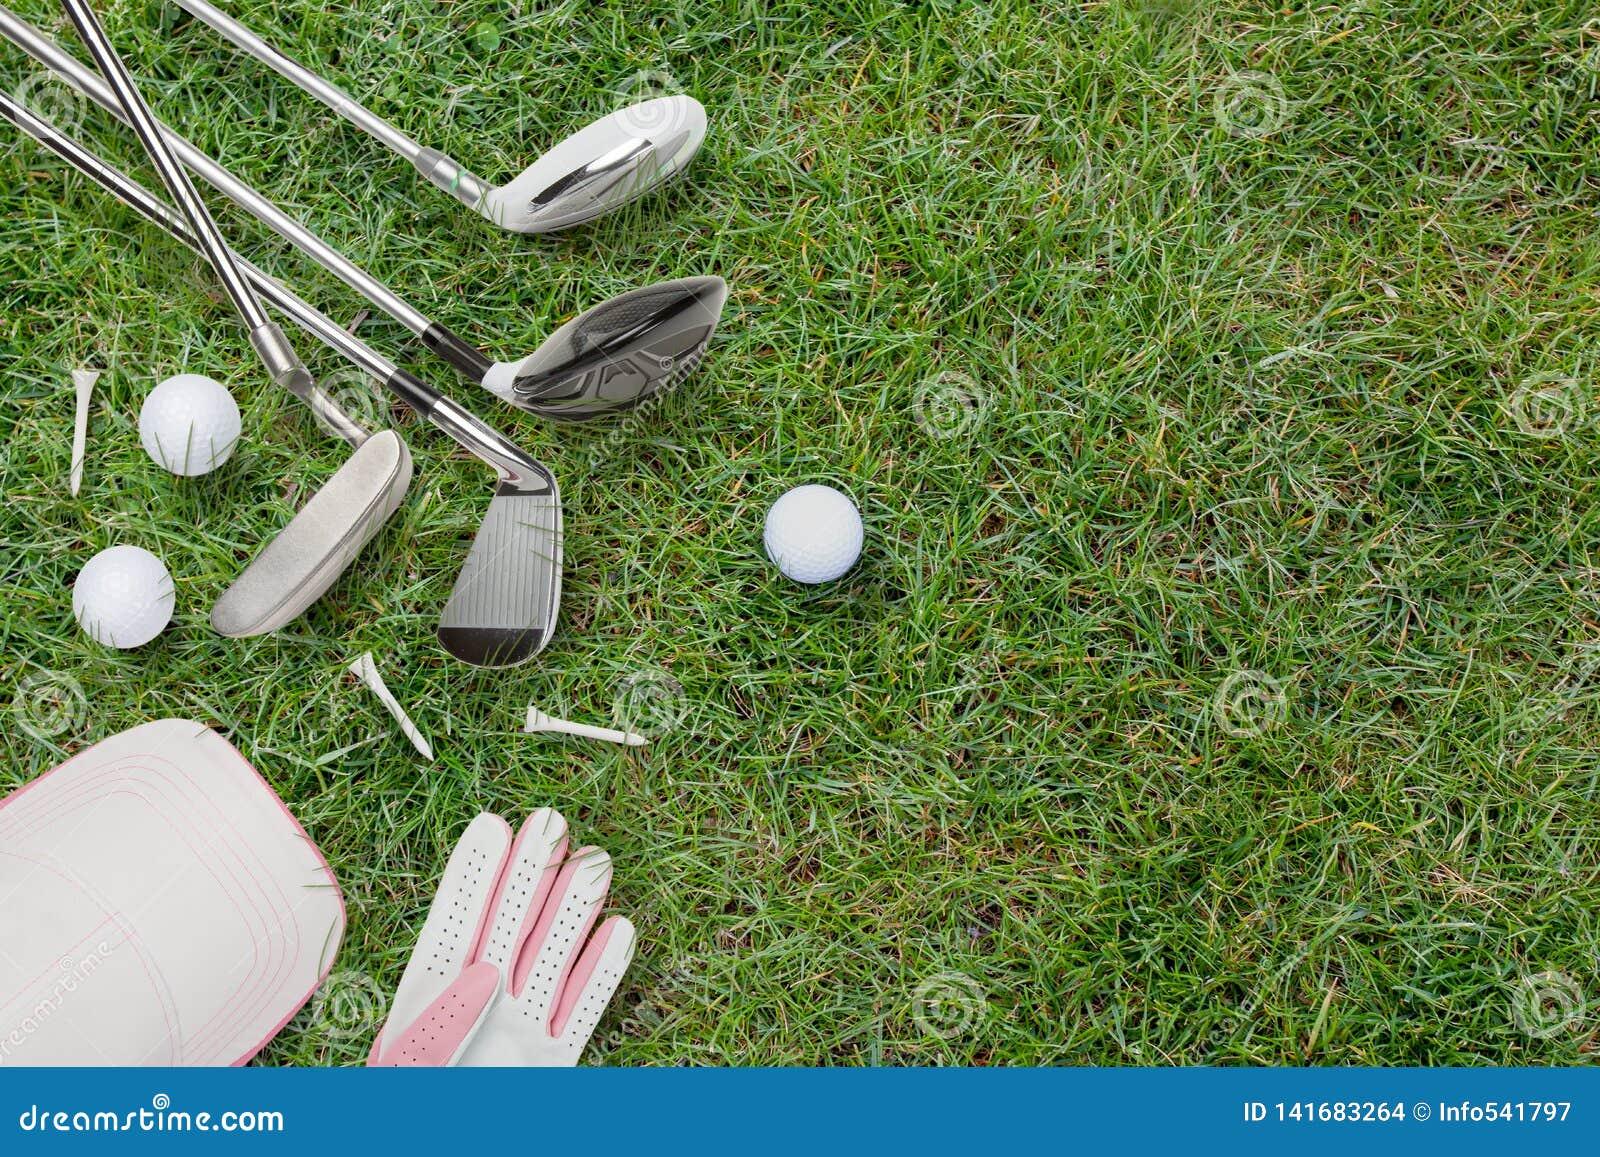 Golfclubs, Golfbälle, Golfhandschuh und Kappe auf Gras